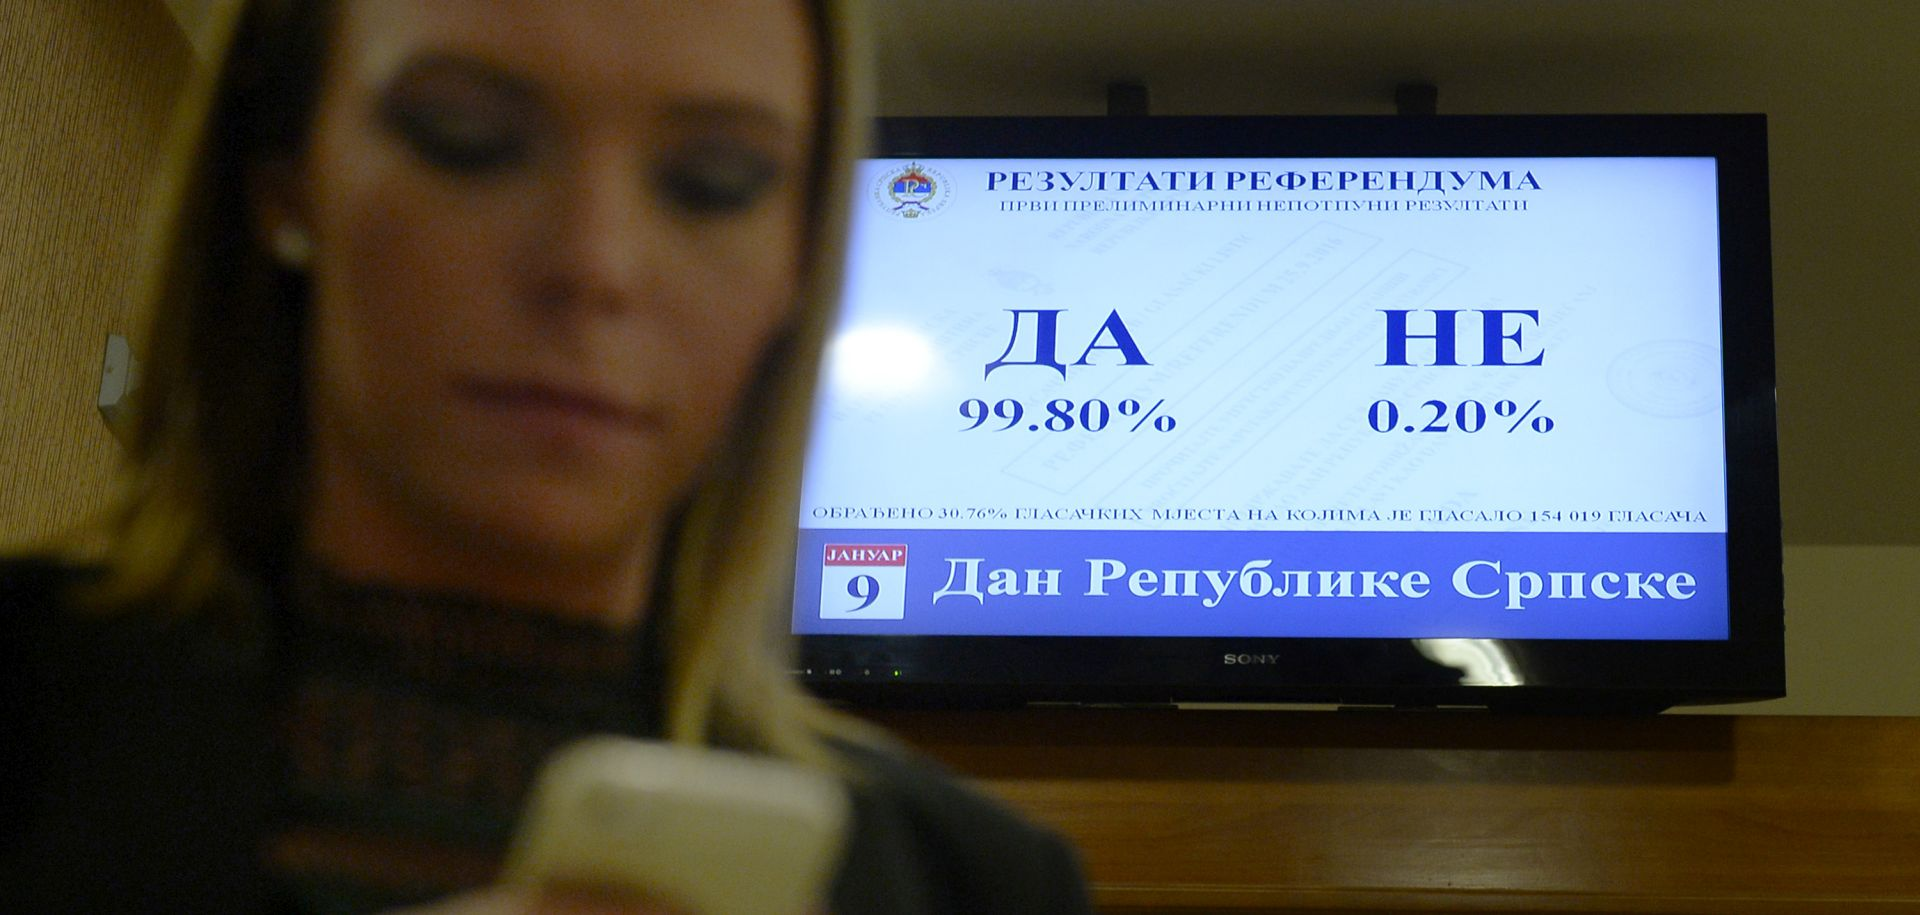 Tužiteljstvo BiH proširuje istragu o organiziranju neustavnog referenduma